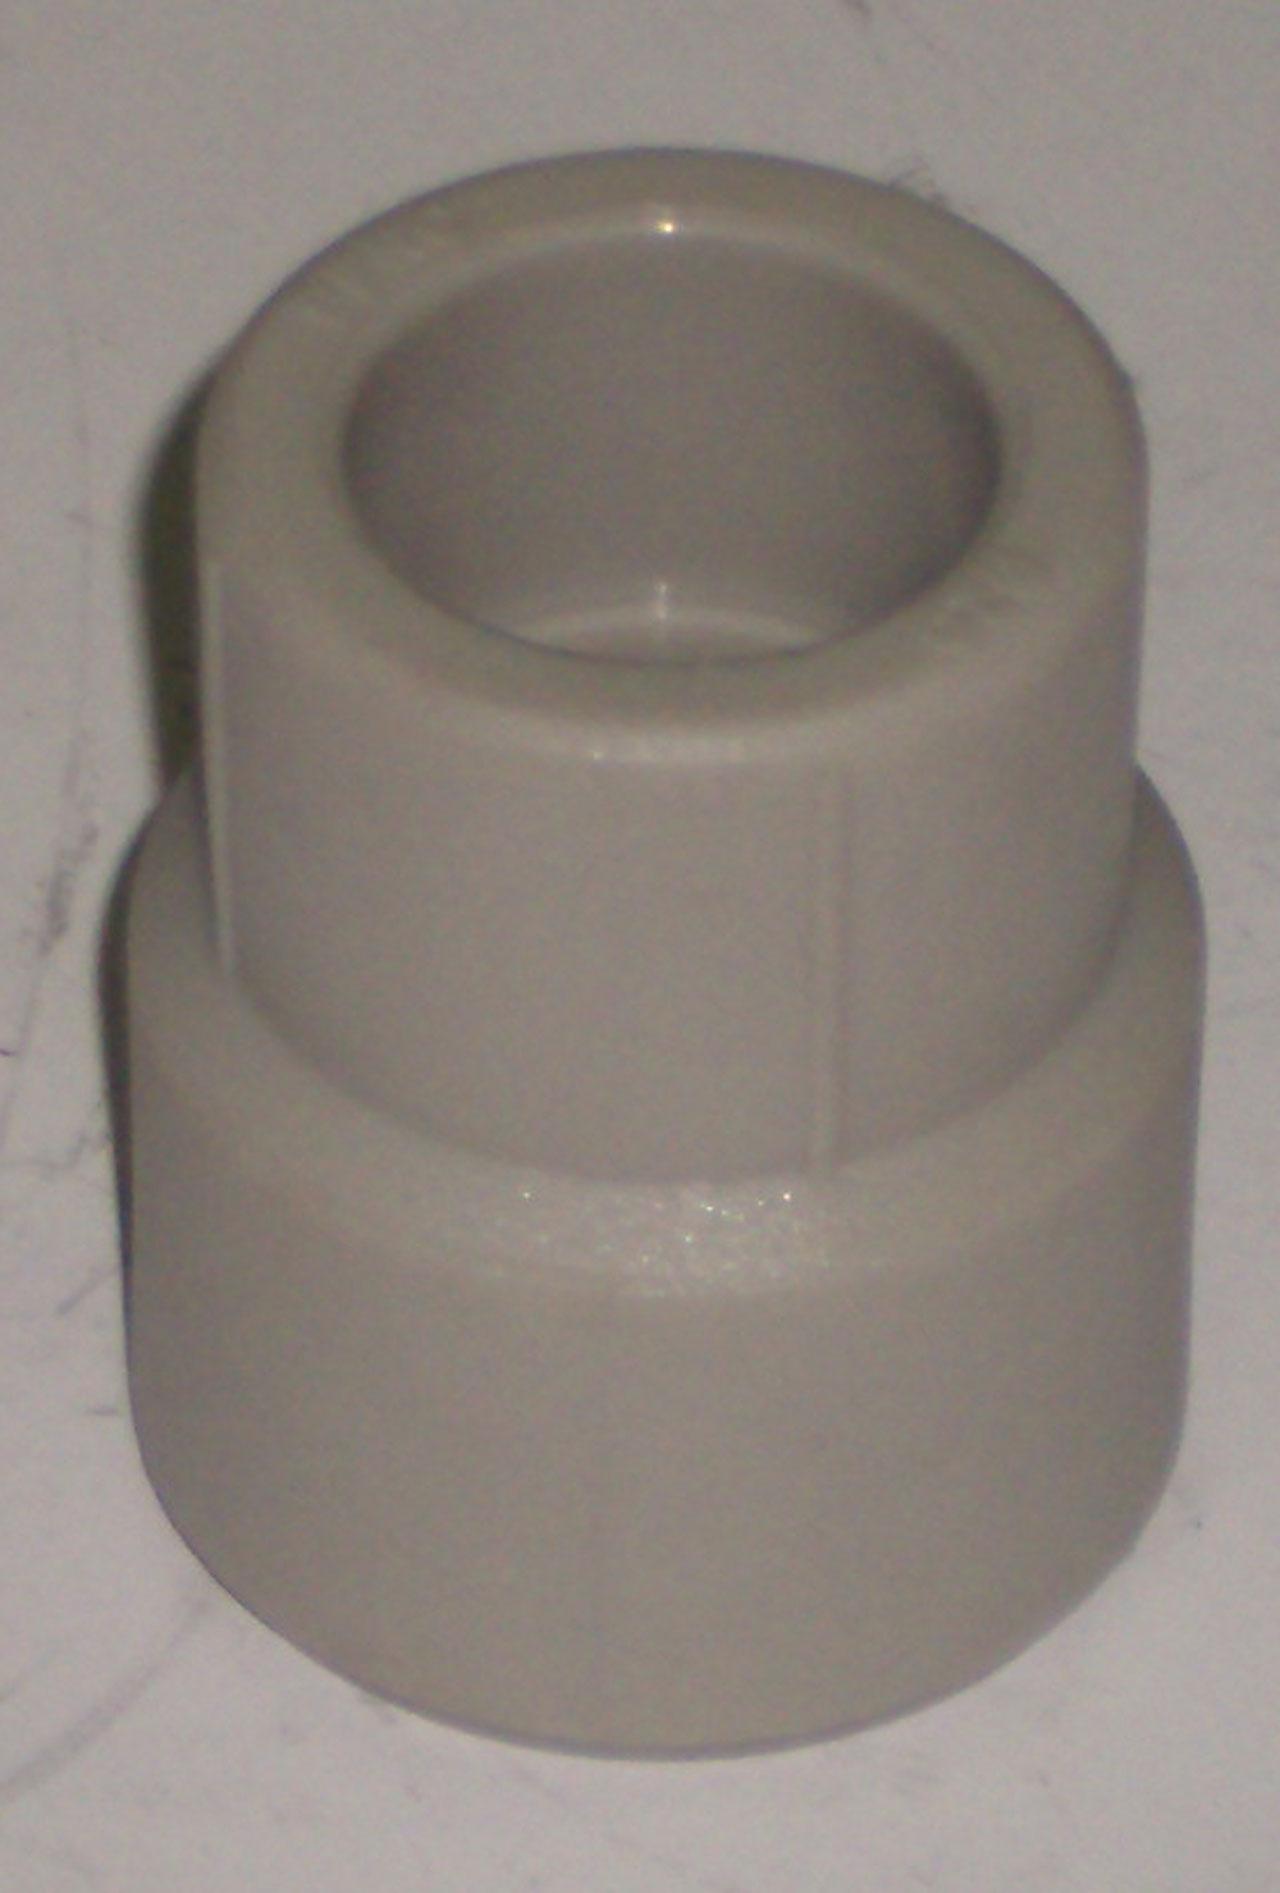 Муфта полипропиленовая переходная FIRAT, серая, Н/В, арт.7723025020  25х20